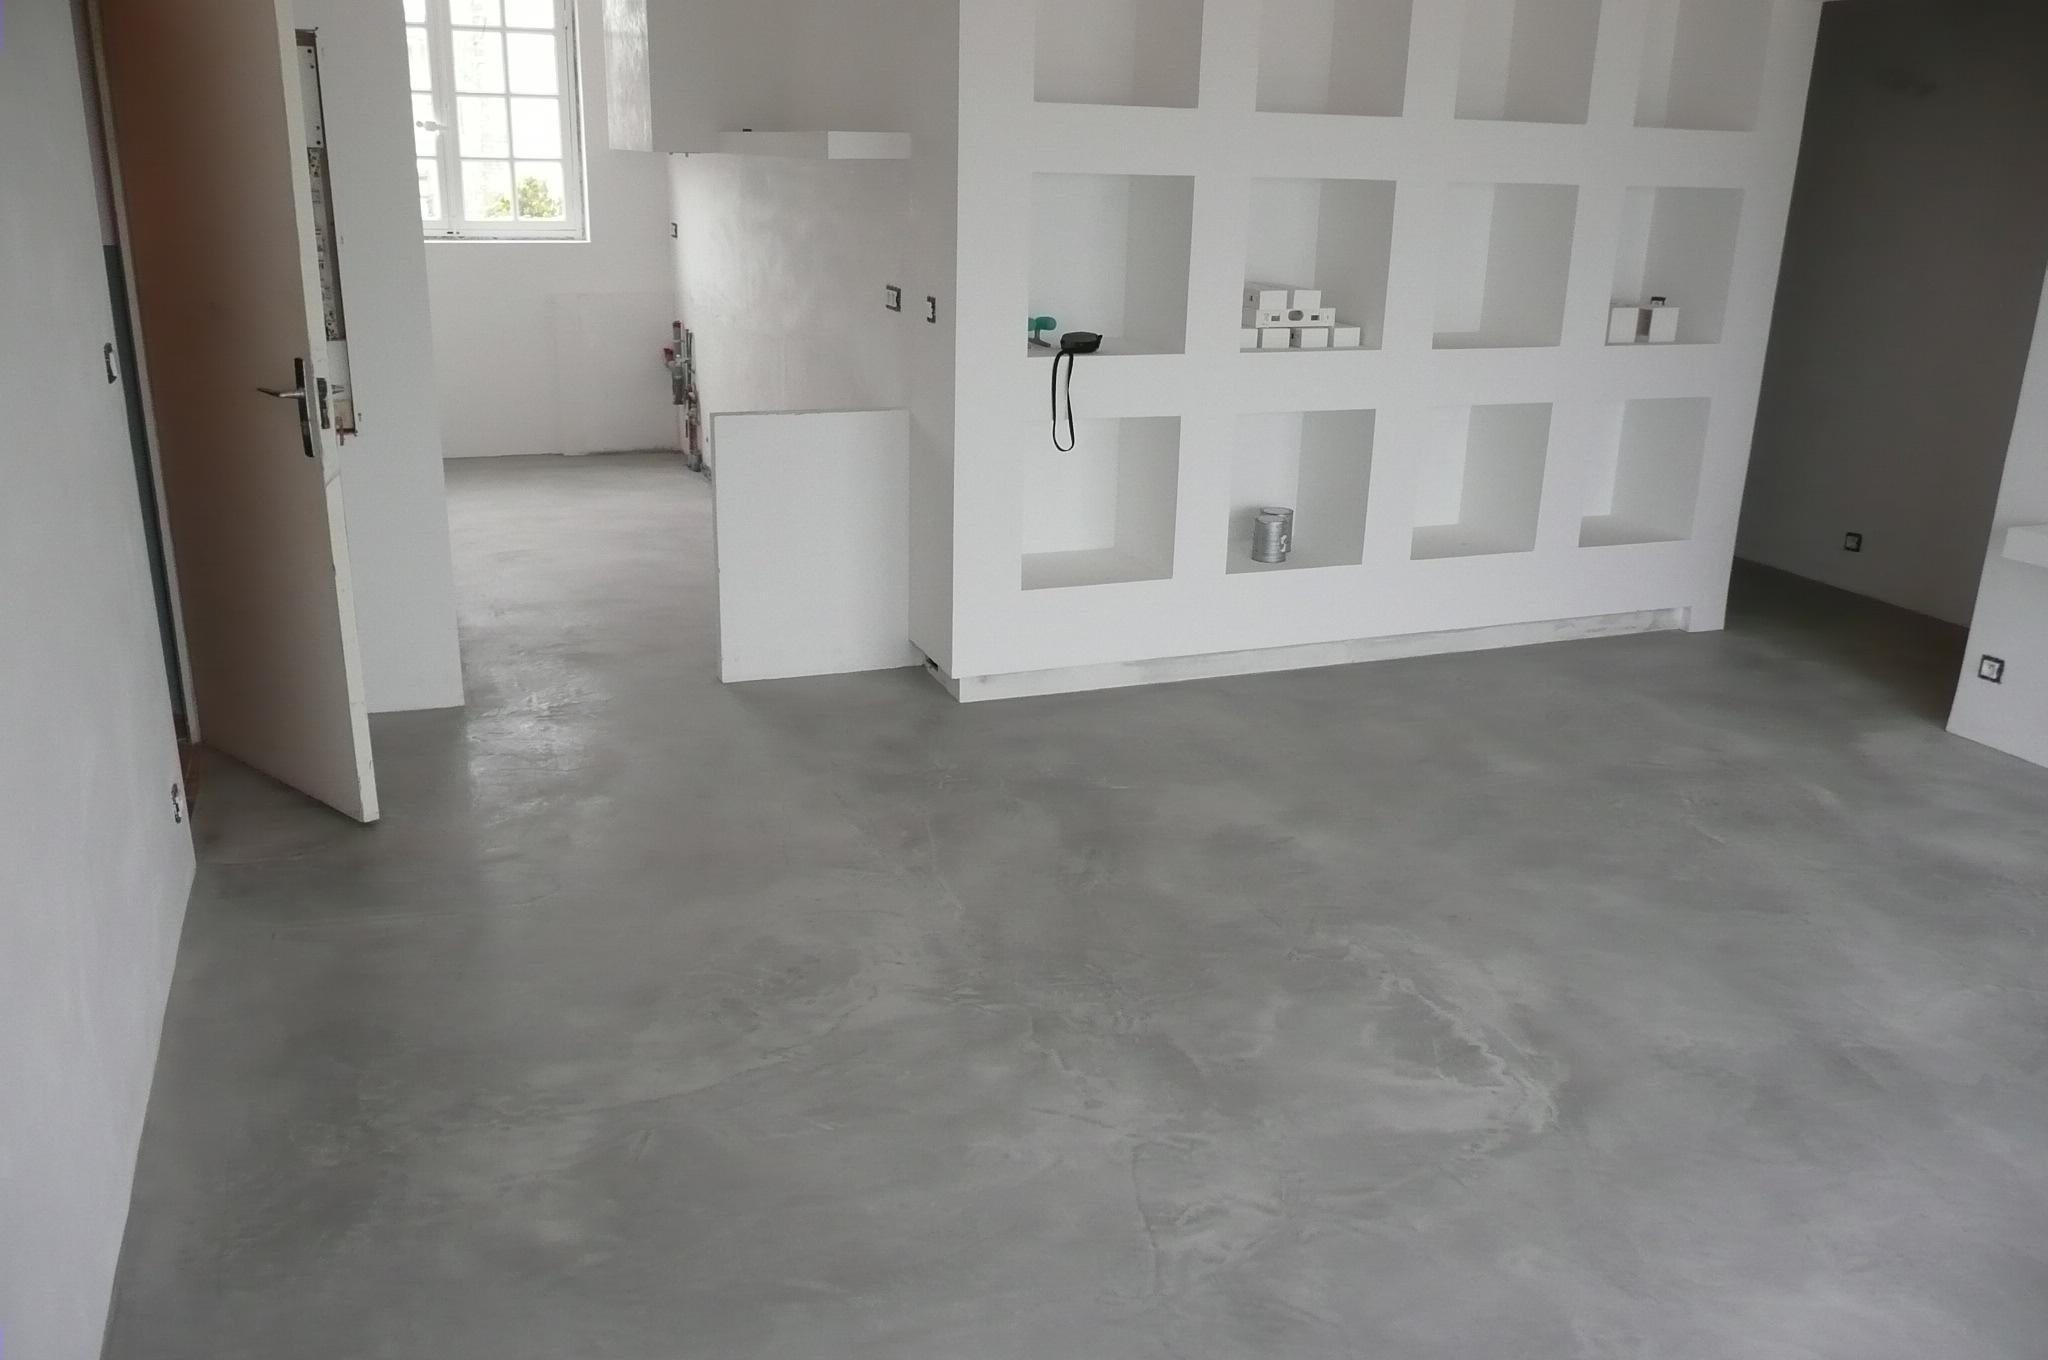 sol beton excellent guide du sol bton conseils et flickr. Black Bedroom Furniture Sets. Home Design Ideas